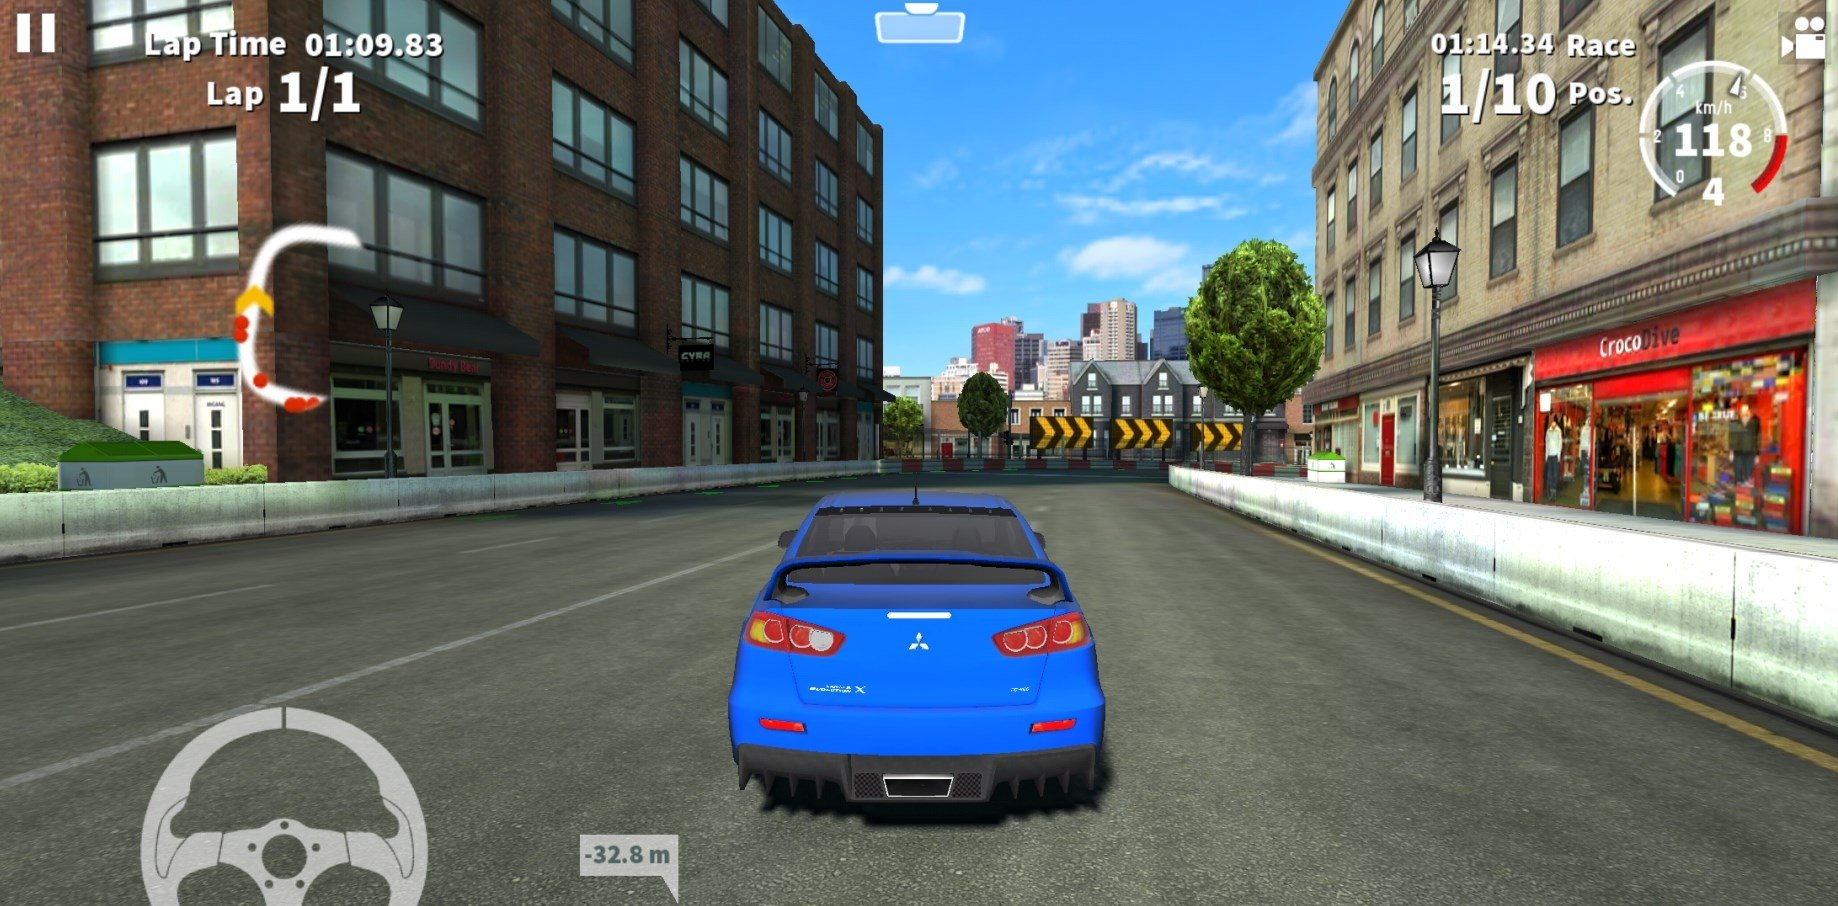 GT Racing 2 1.6.0d - Baixar para Android APK Grátis